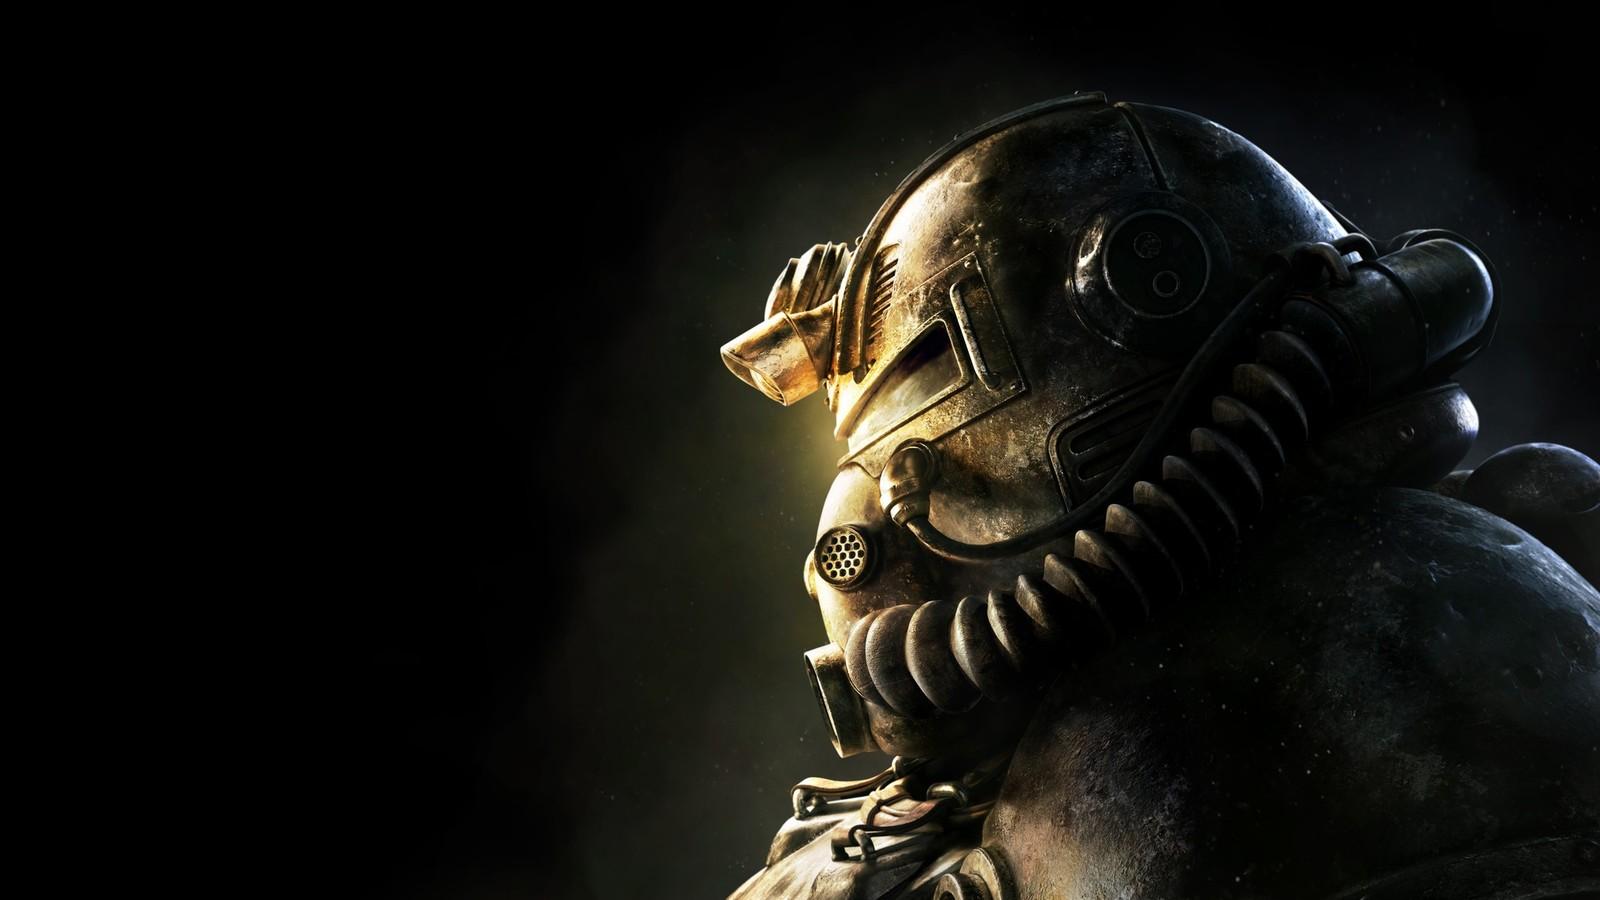 『フォールアウト76』フォールアウトシリーズファンが手に入れるべき限定グッズ10点(Fallout 76)